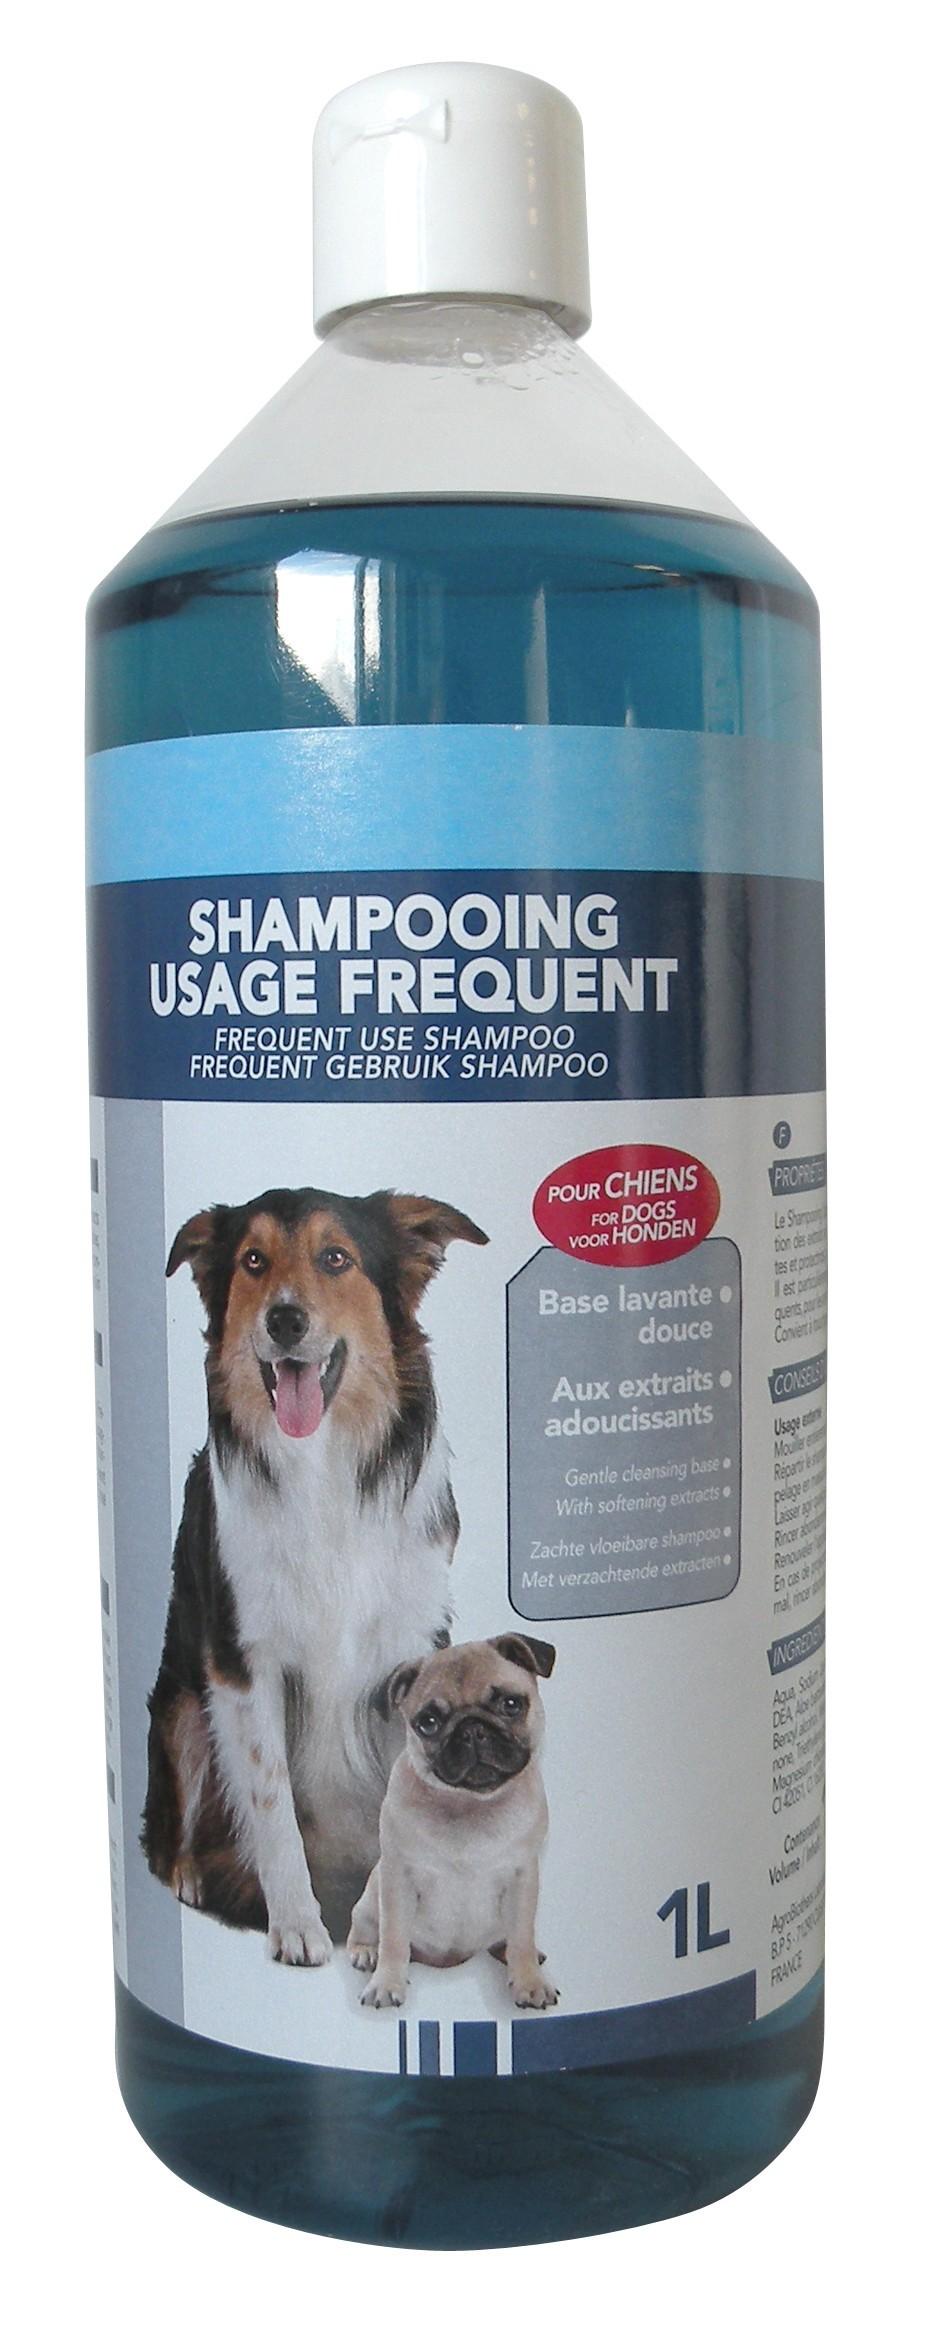 Shampooing doux chien usage fréquent 1L